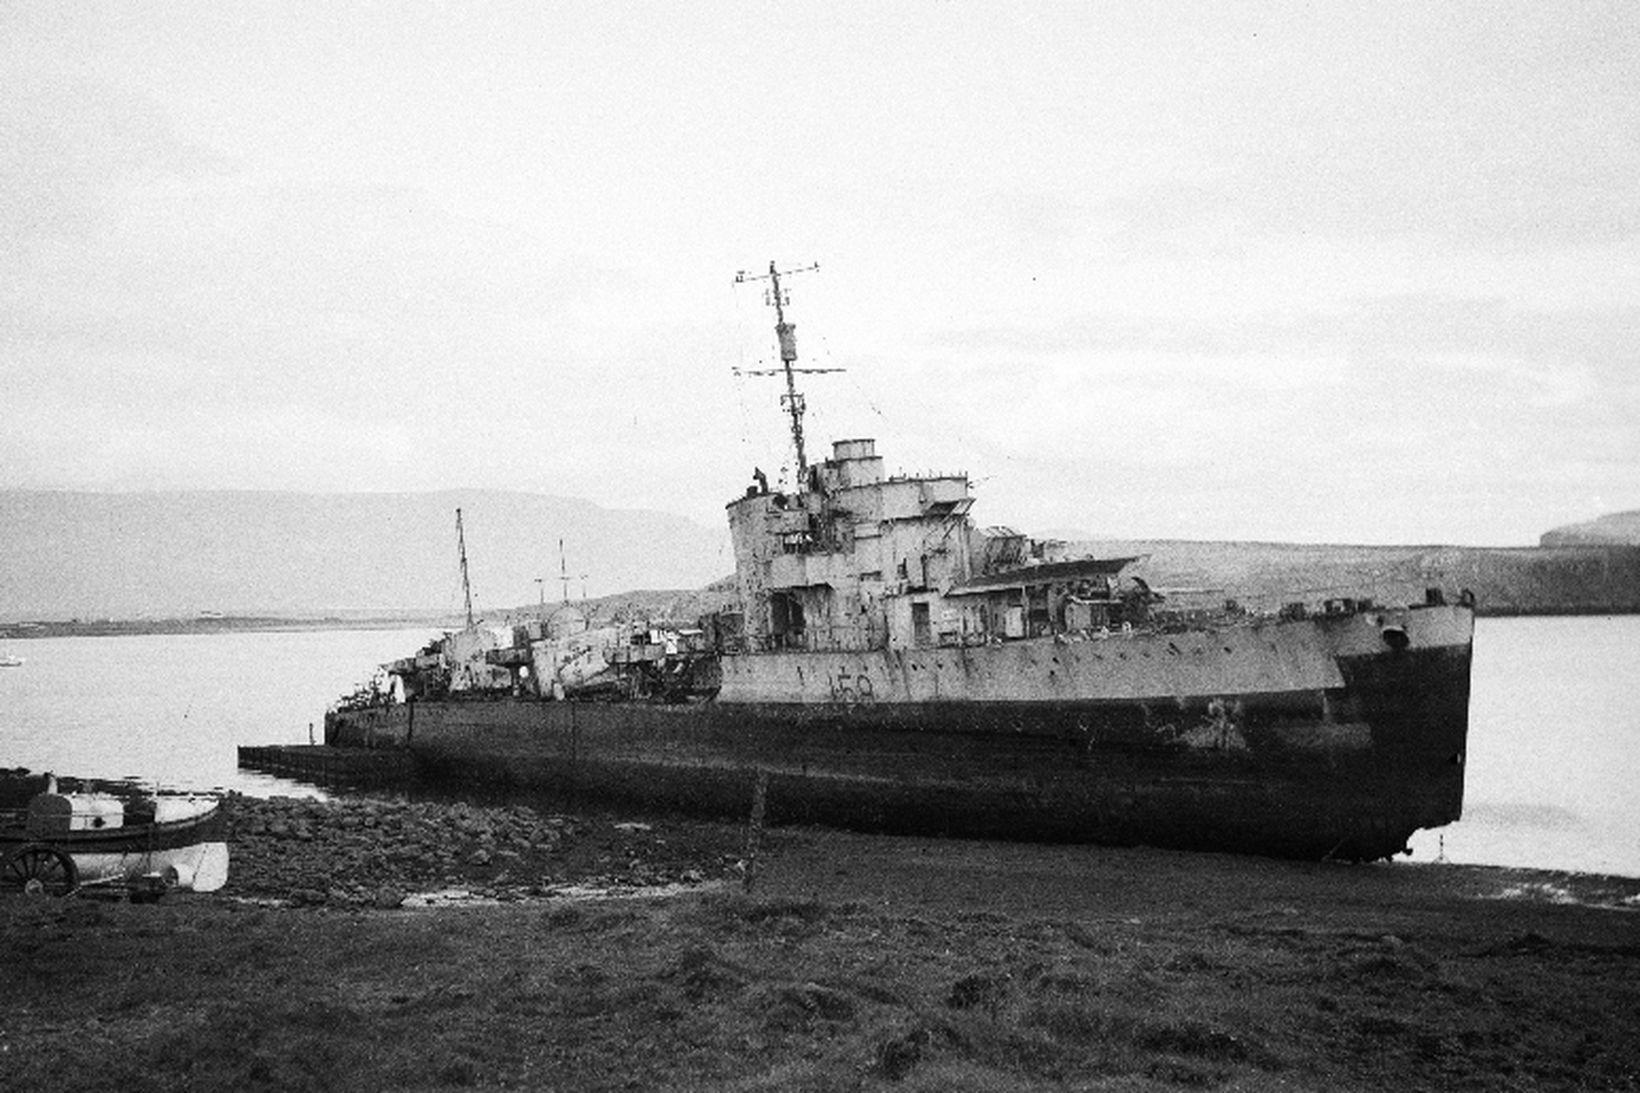 Frá því þegar kanadíski tundurspillirinn Skeena strandaði við Viðey.